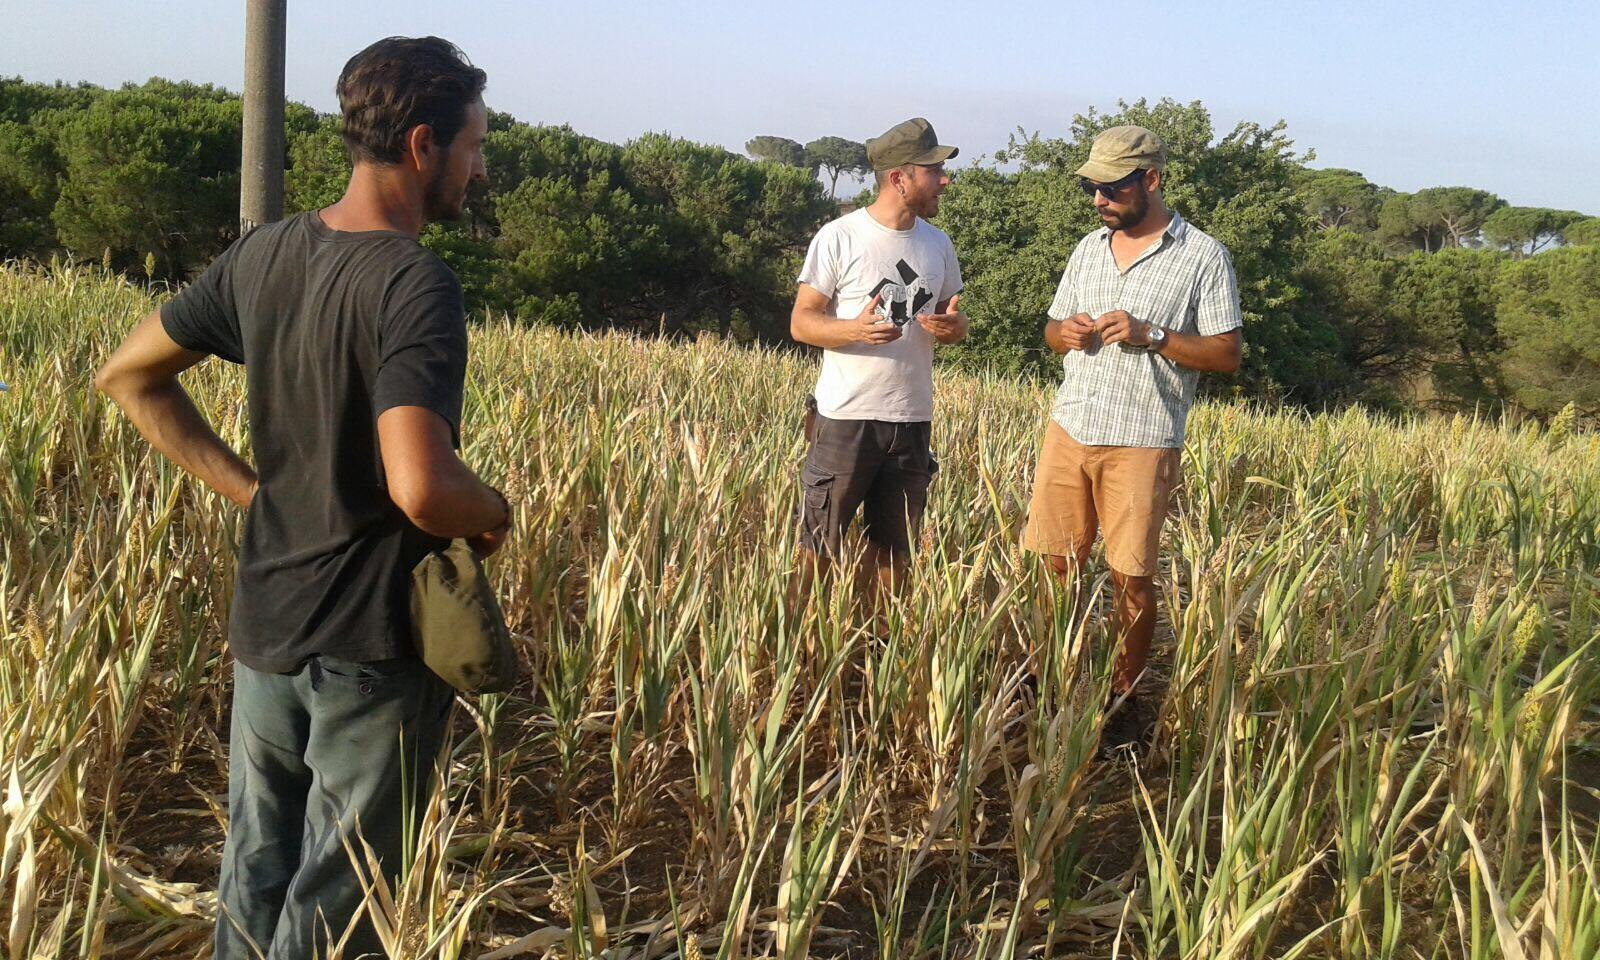 Agricoltura ecologica, al via il ciclo della Scuola Emilio Sereni